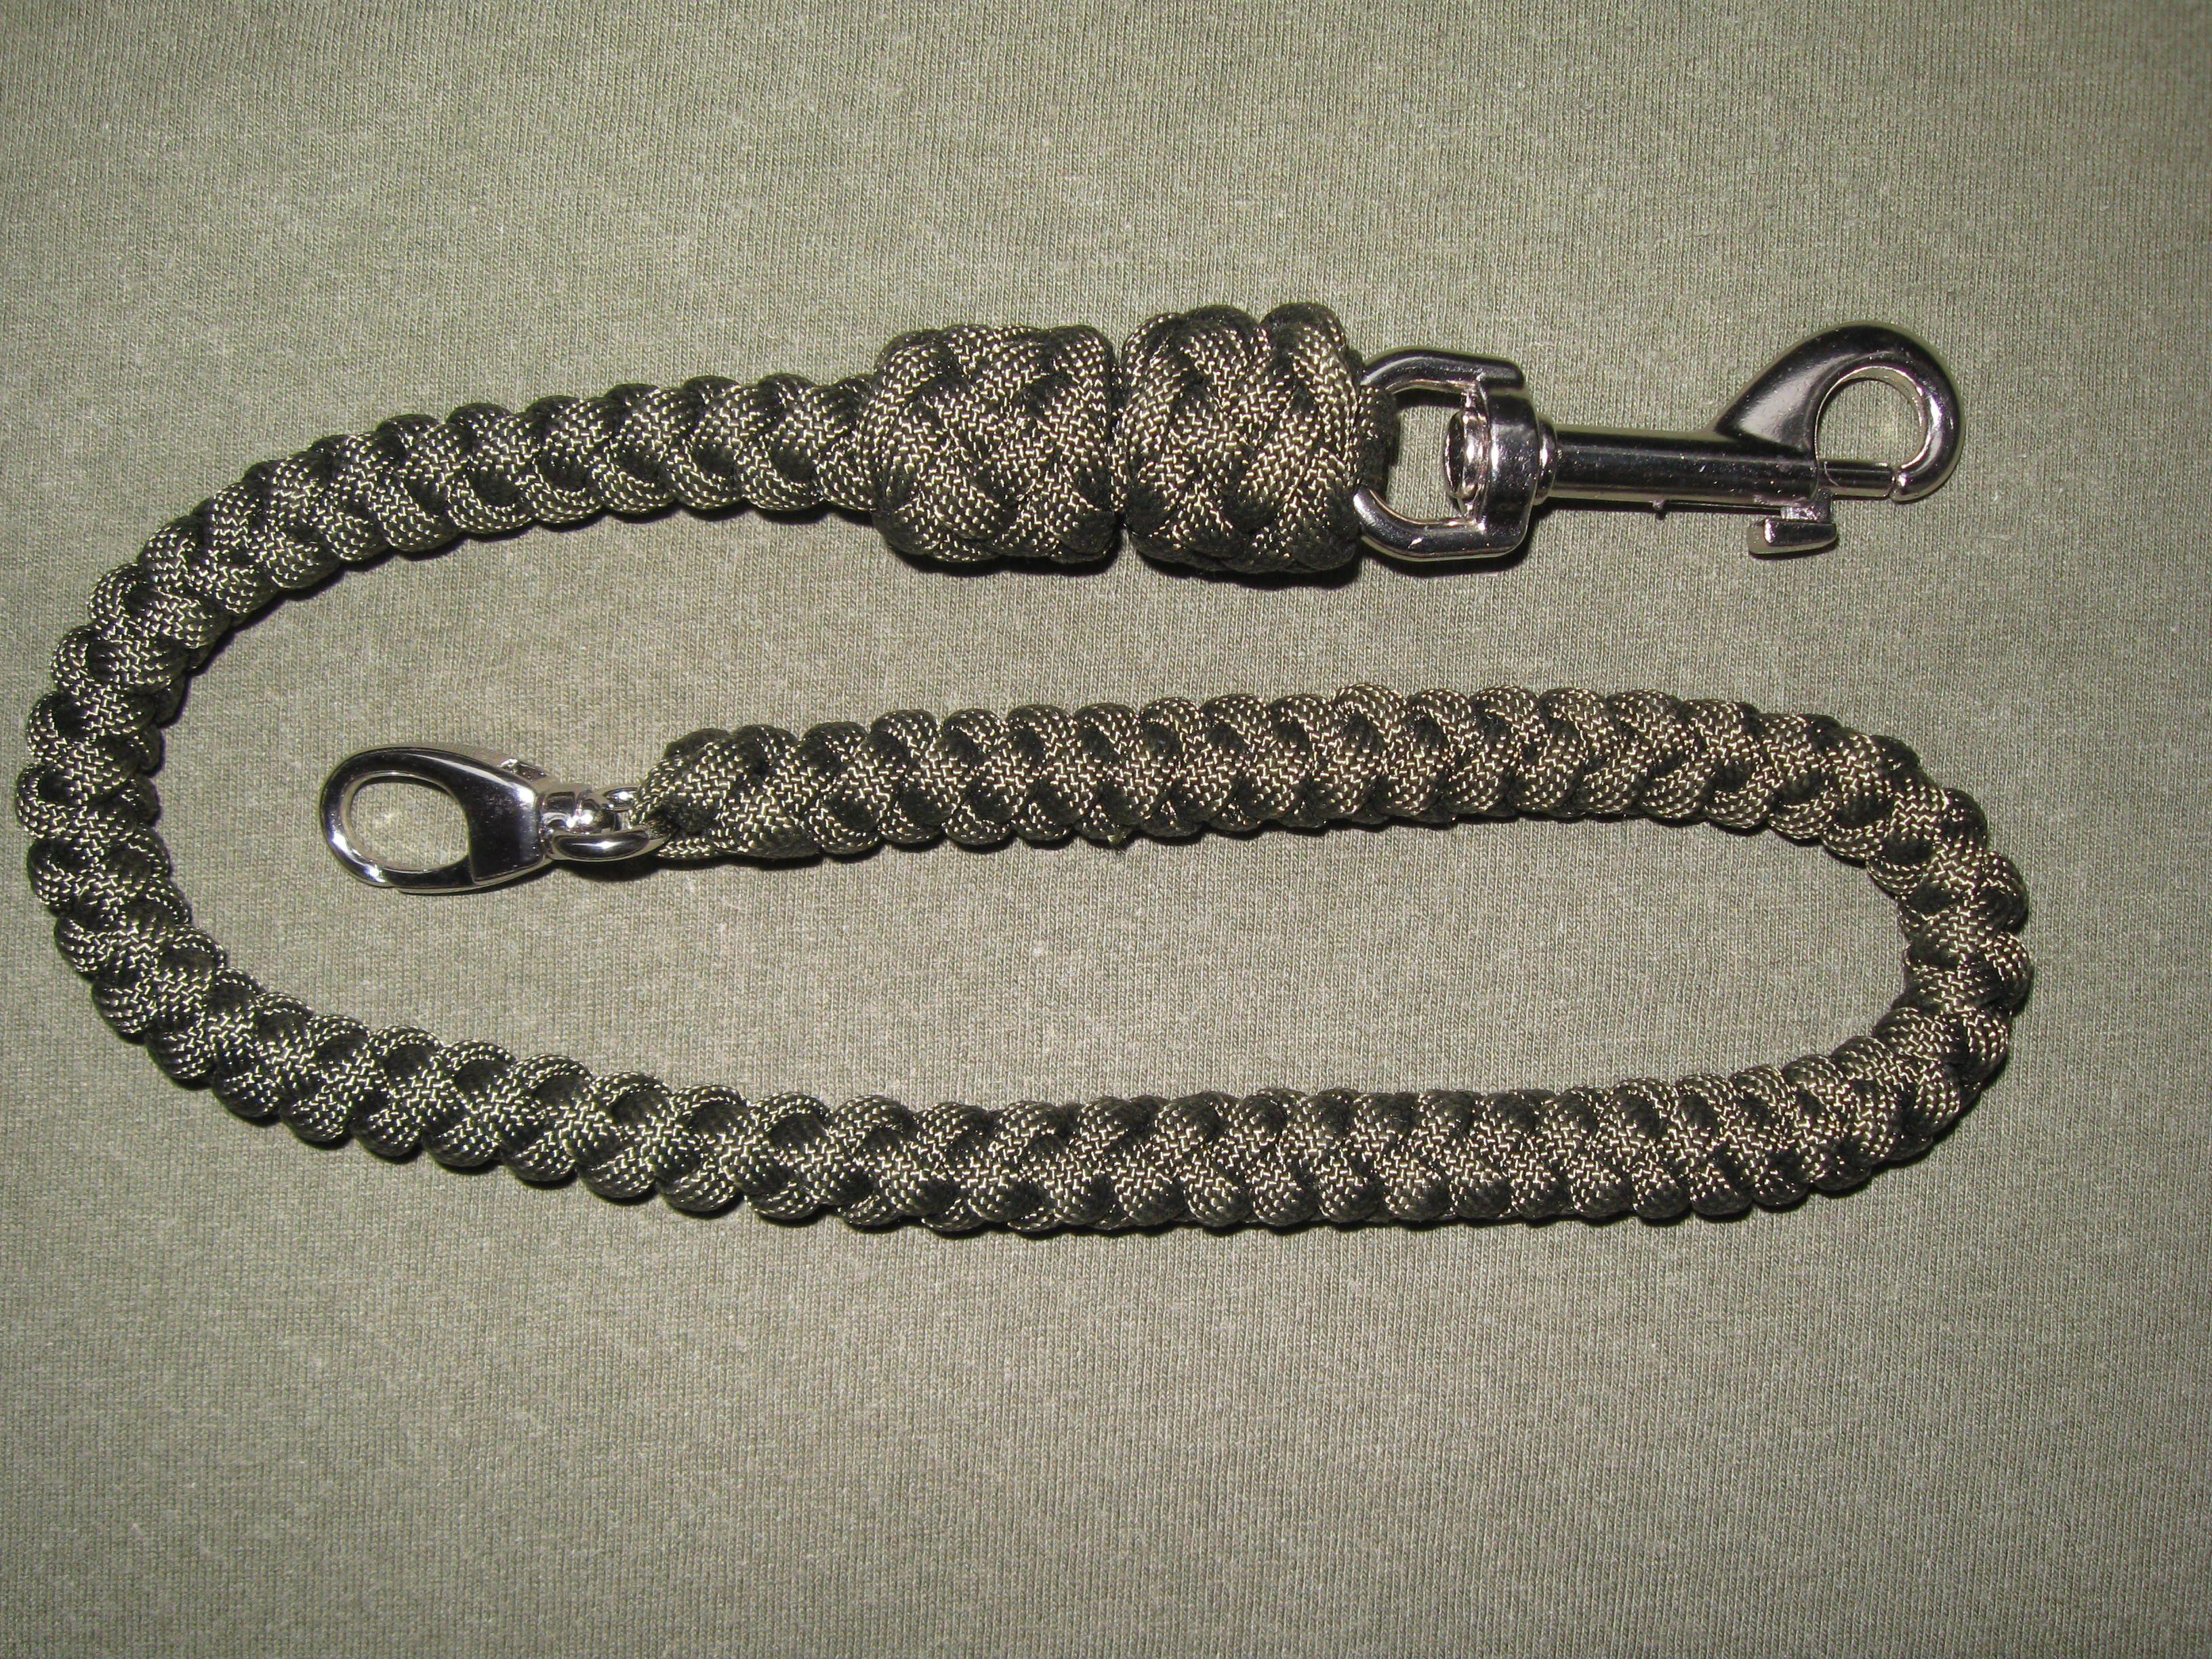 4 strands spiral round braid wallet chain paracord wallet